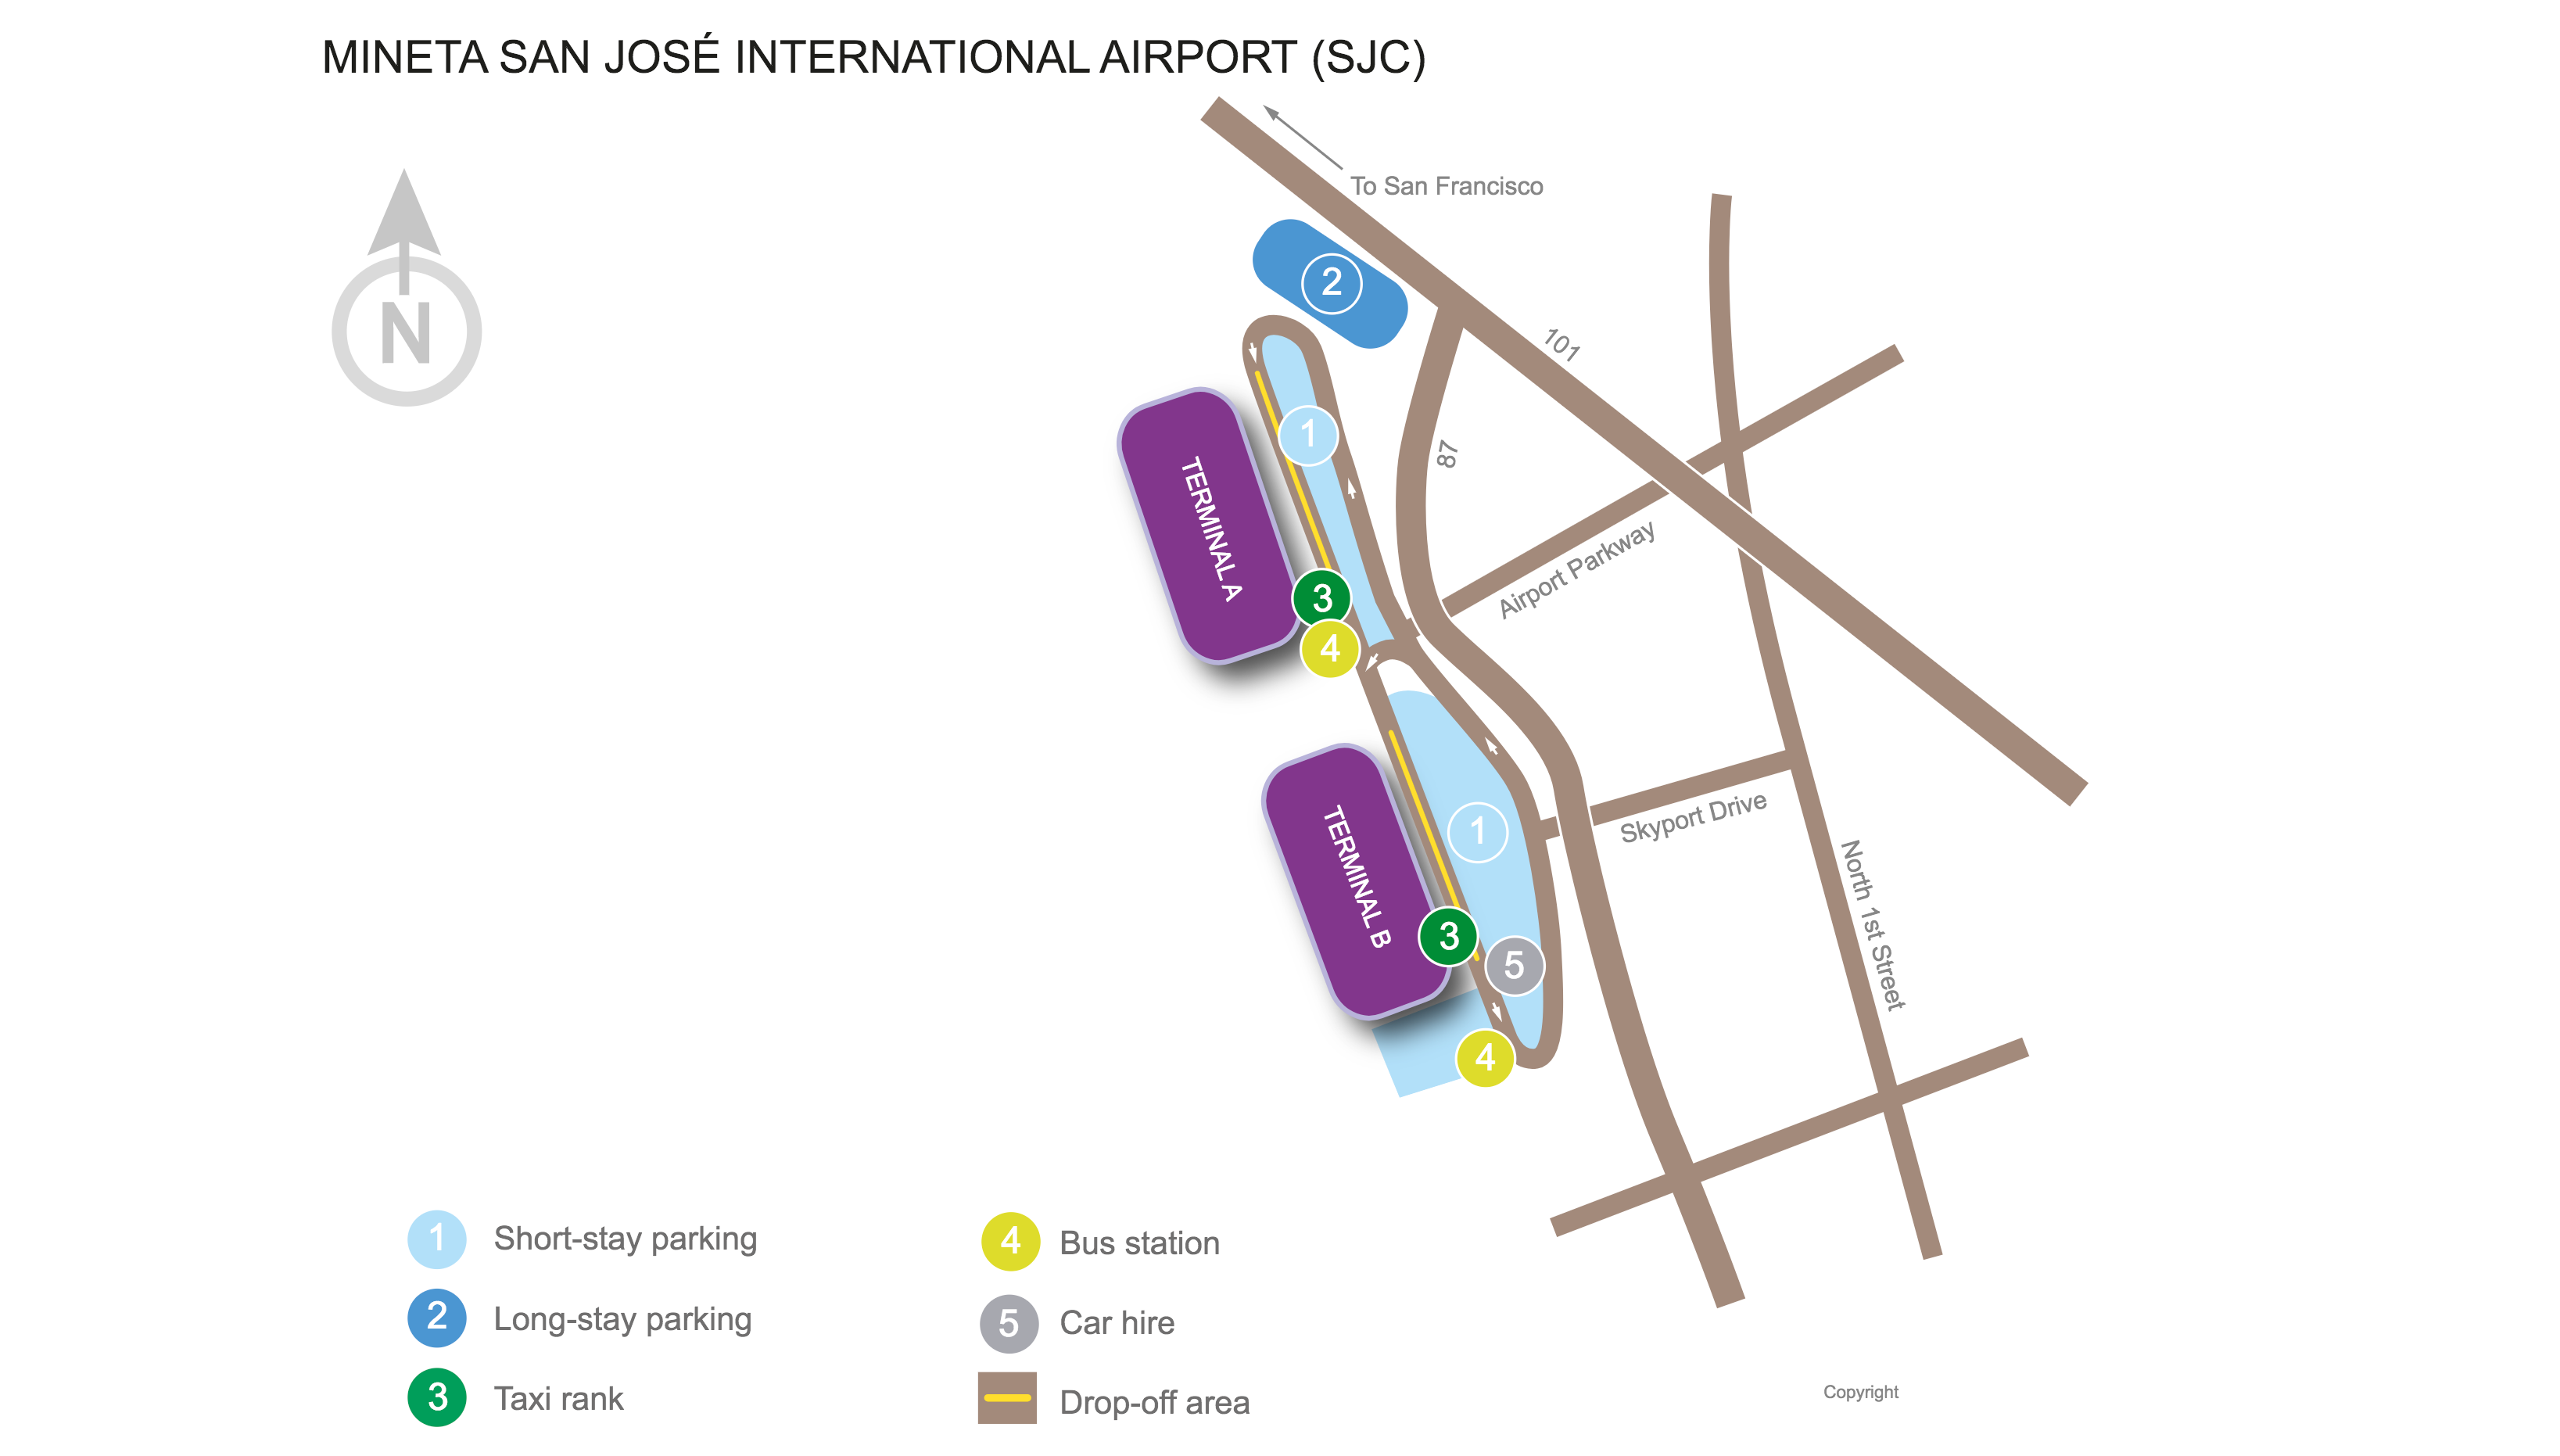 Aeropuerto Internacional de San José (Norman Y. Minota) map